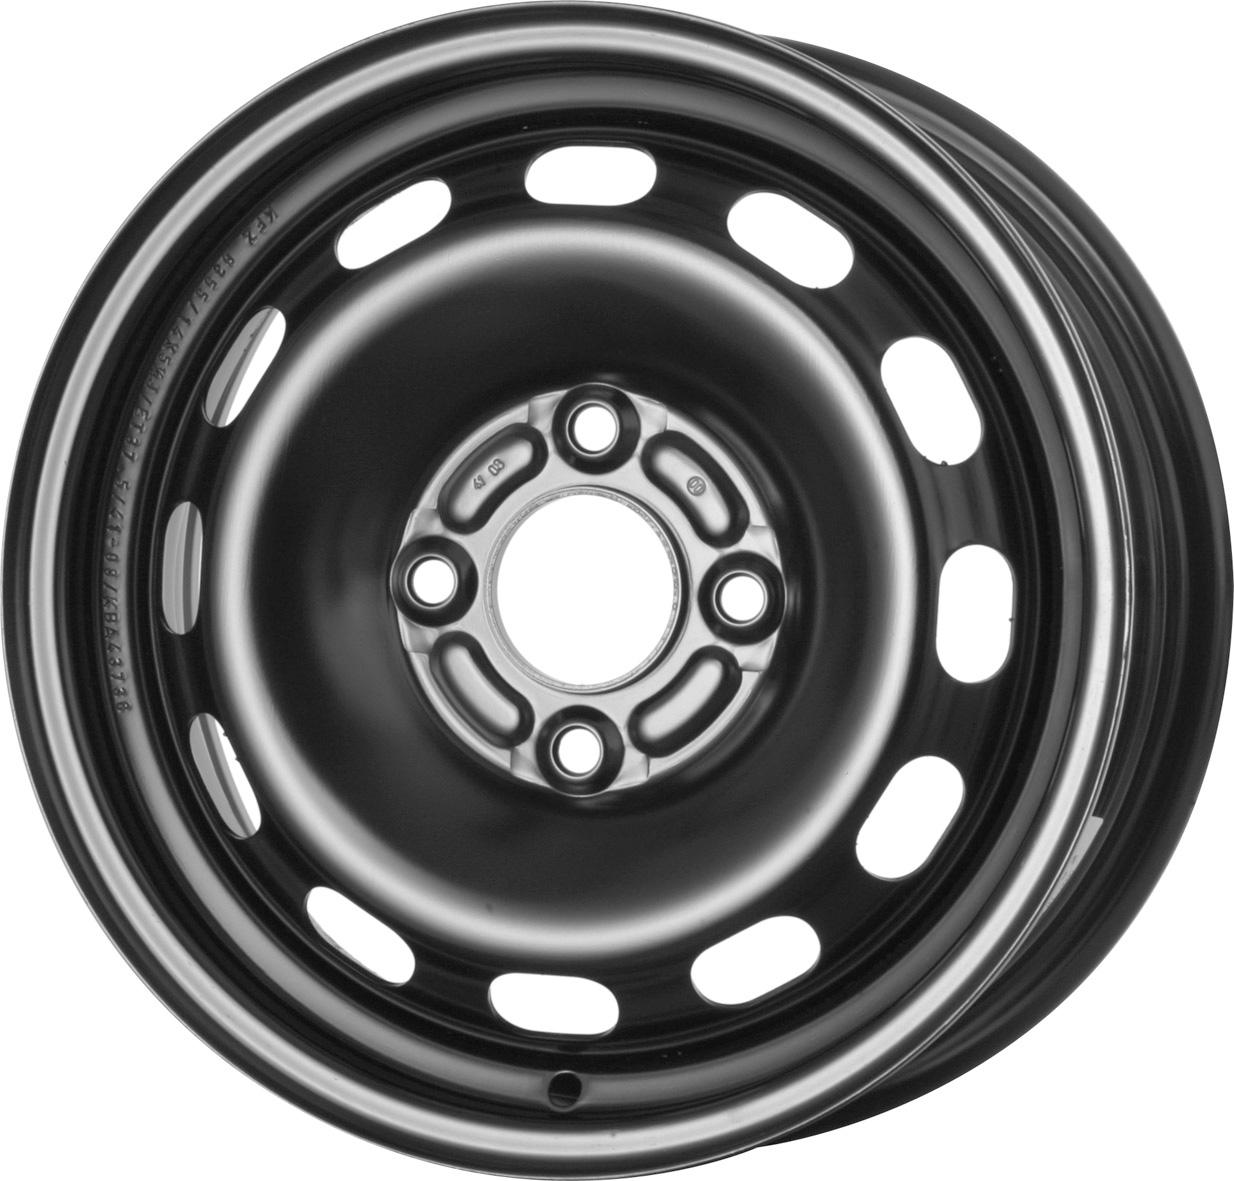 Vorschau: 14″ Stahlrad Sommer für Ford Fiesta 1.6 TDCi (JA8) Kumho KH27 175/65 R14 82T